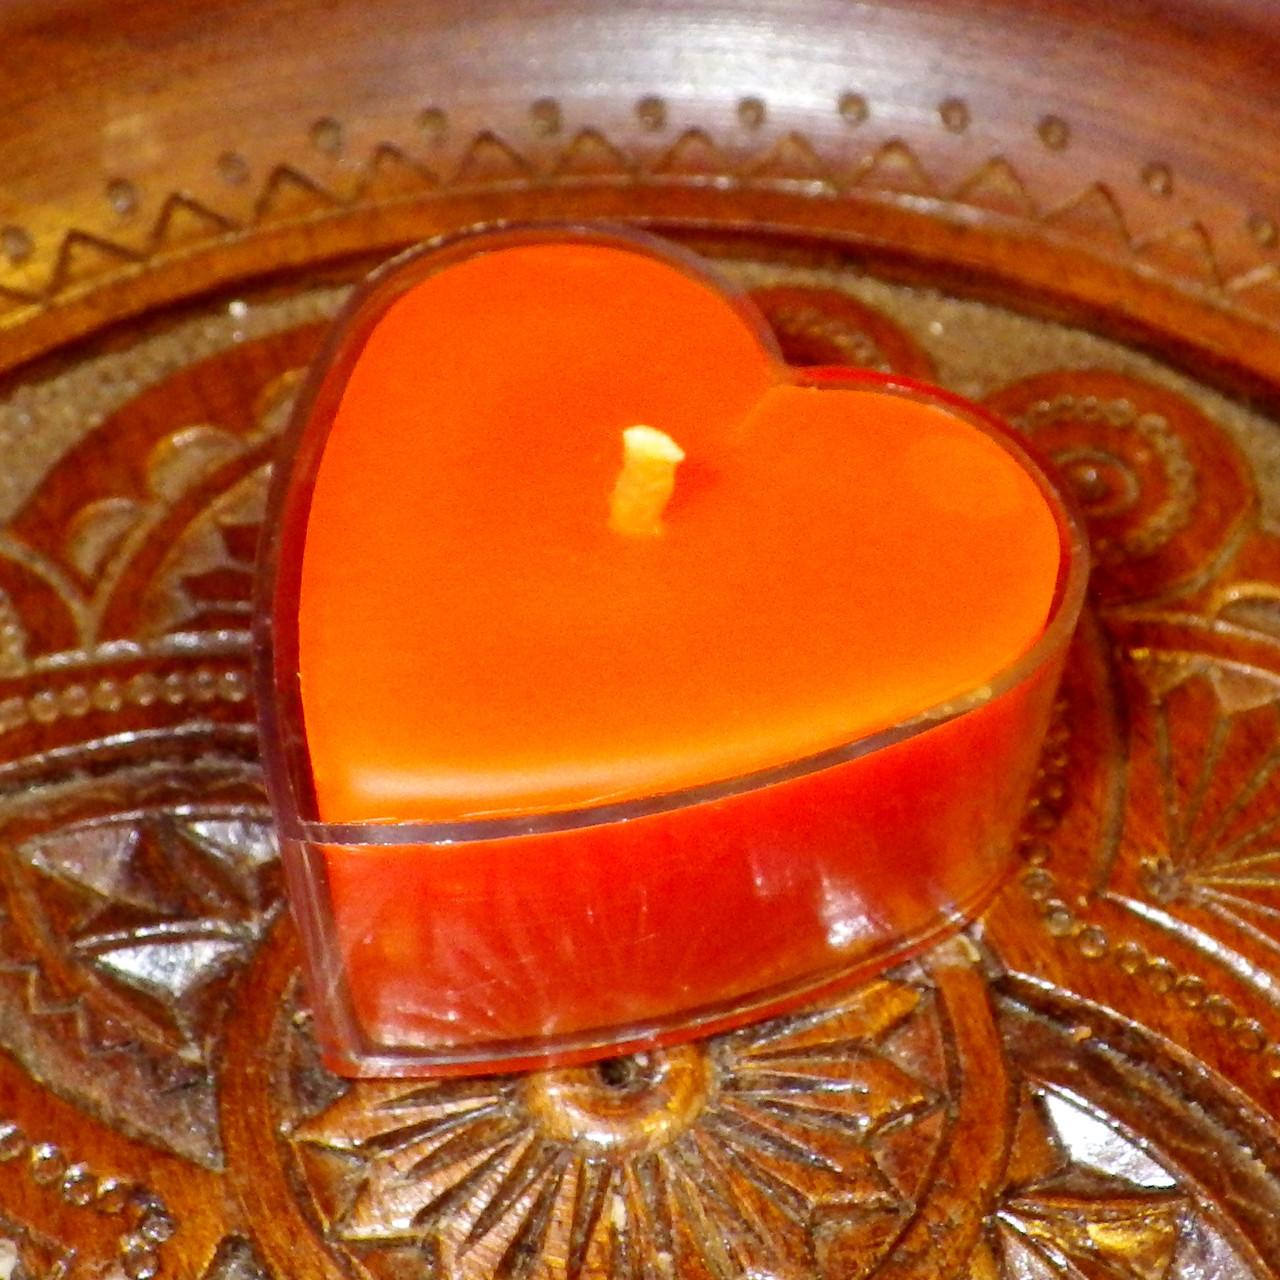 Восковая чайная свеча Коралловая Валентинка 14г в пластиковом прозрачном контейнере, пчелиный воск